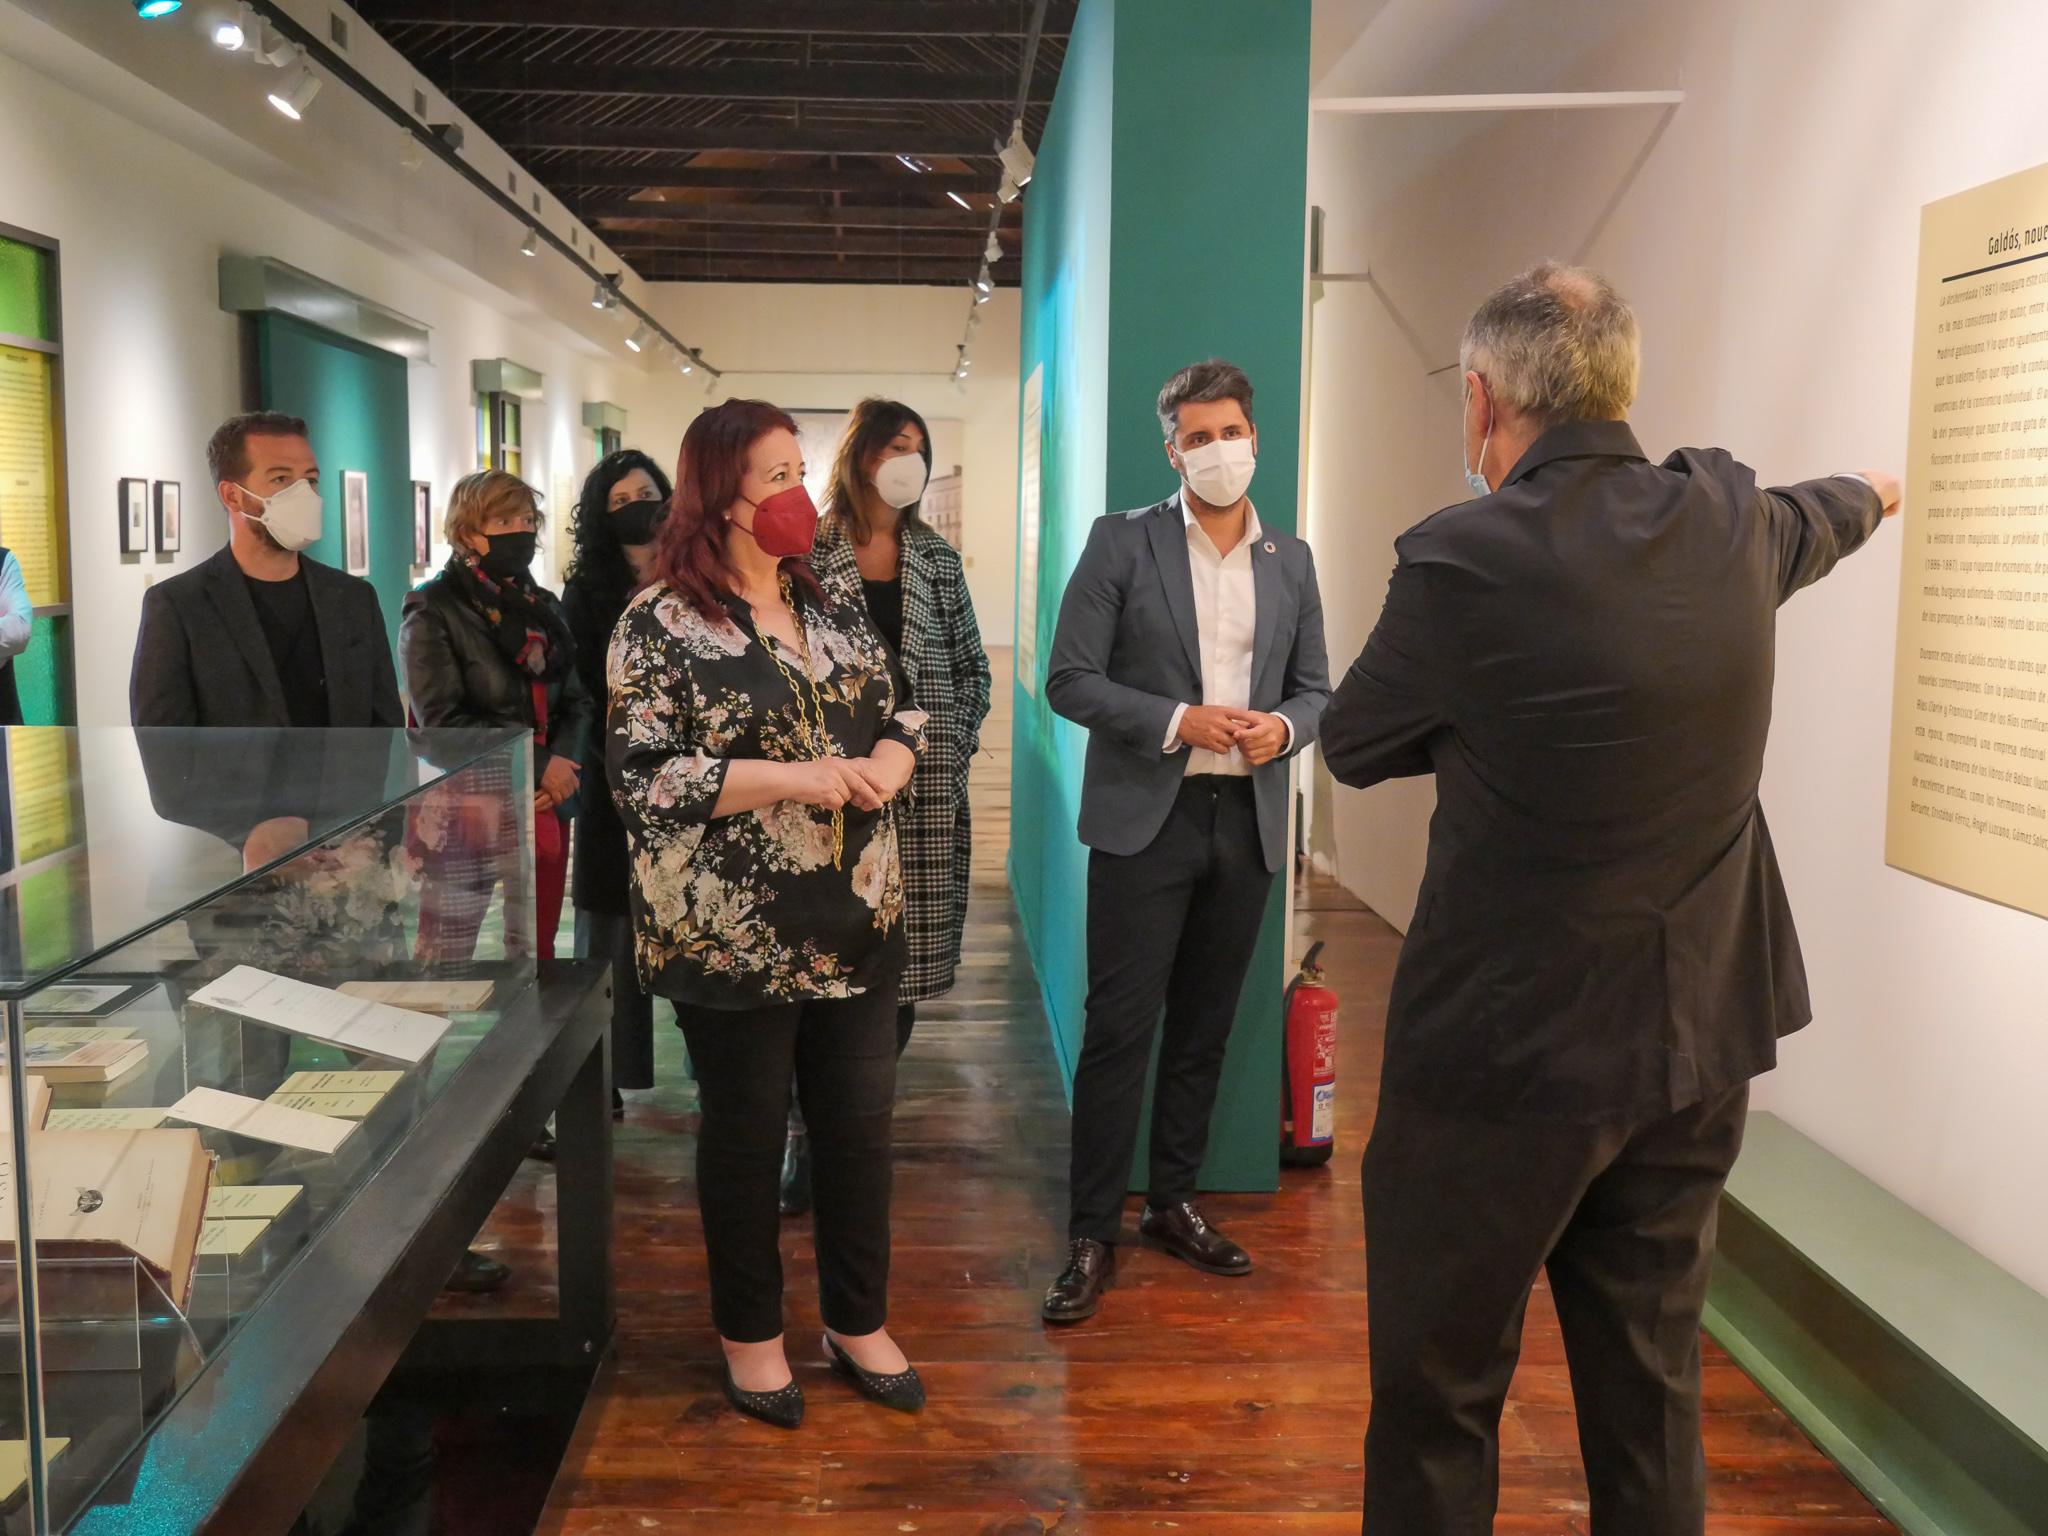 Llega a Tenerife la gran exposición 'Benito Pérez Galdós. La verdad humana'